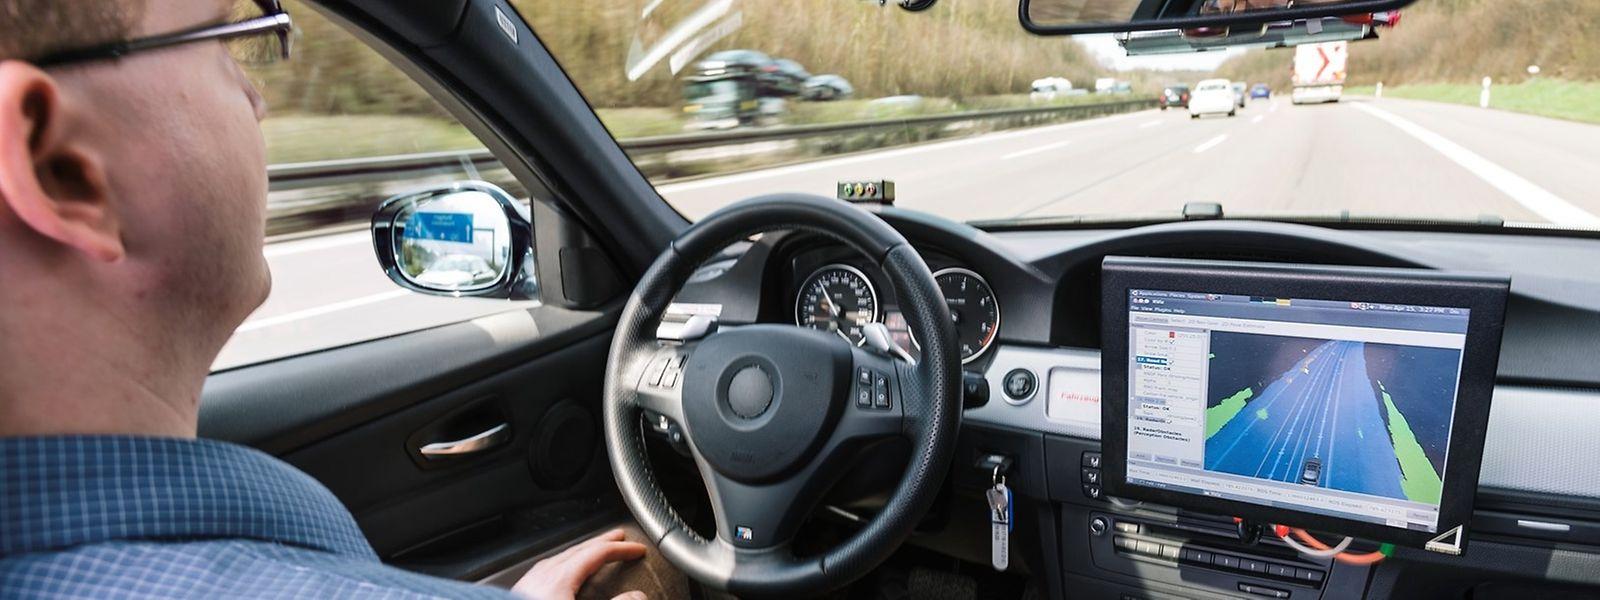 Les routes du Luxembourg sont parcourues partiellement par des véhicules autonomes en test depuis le printemps 2019. L'arrivée à grande échelle de ces voitures n'est toutefois pas attendue avant 2030.